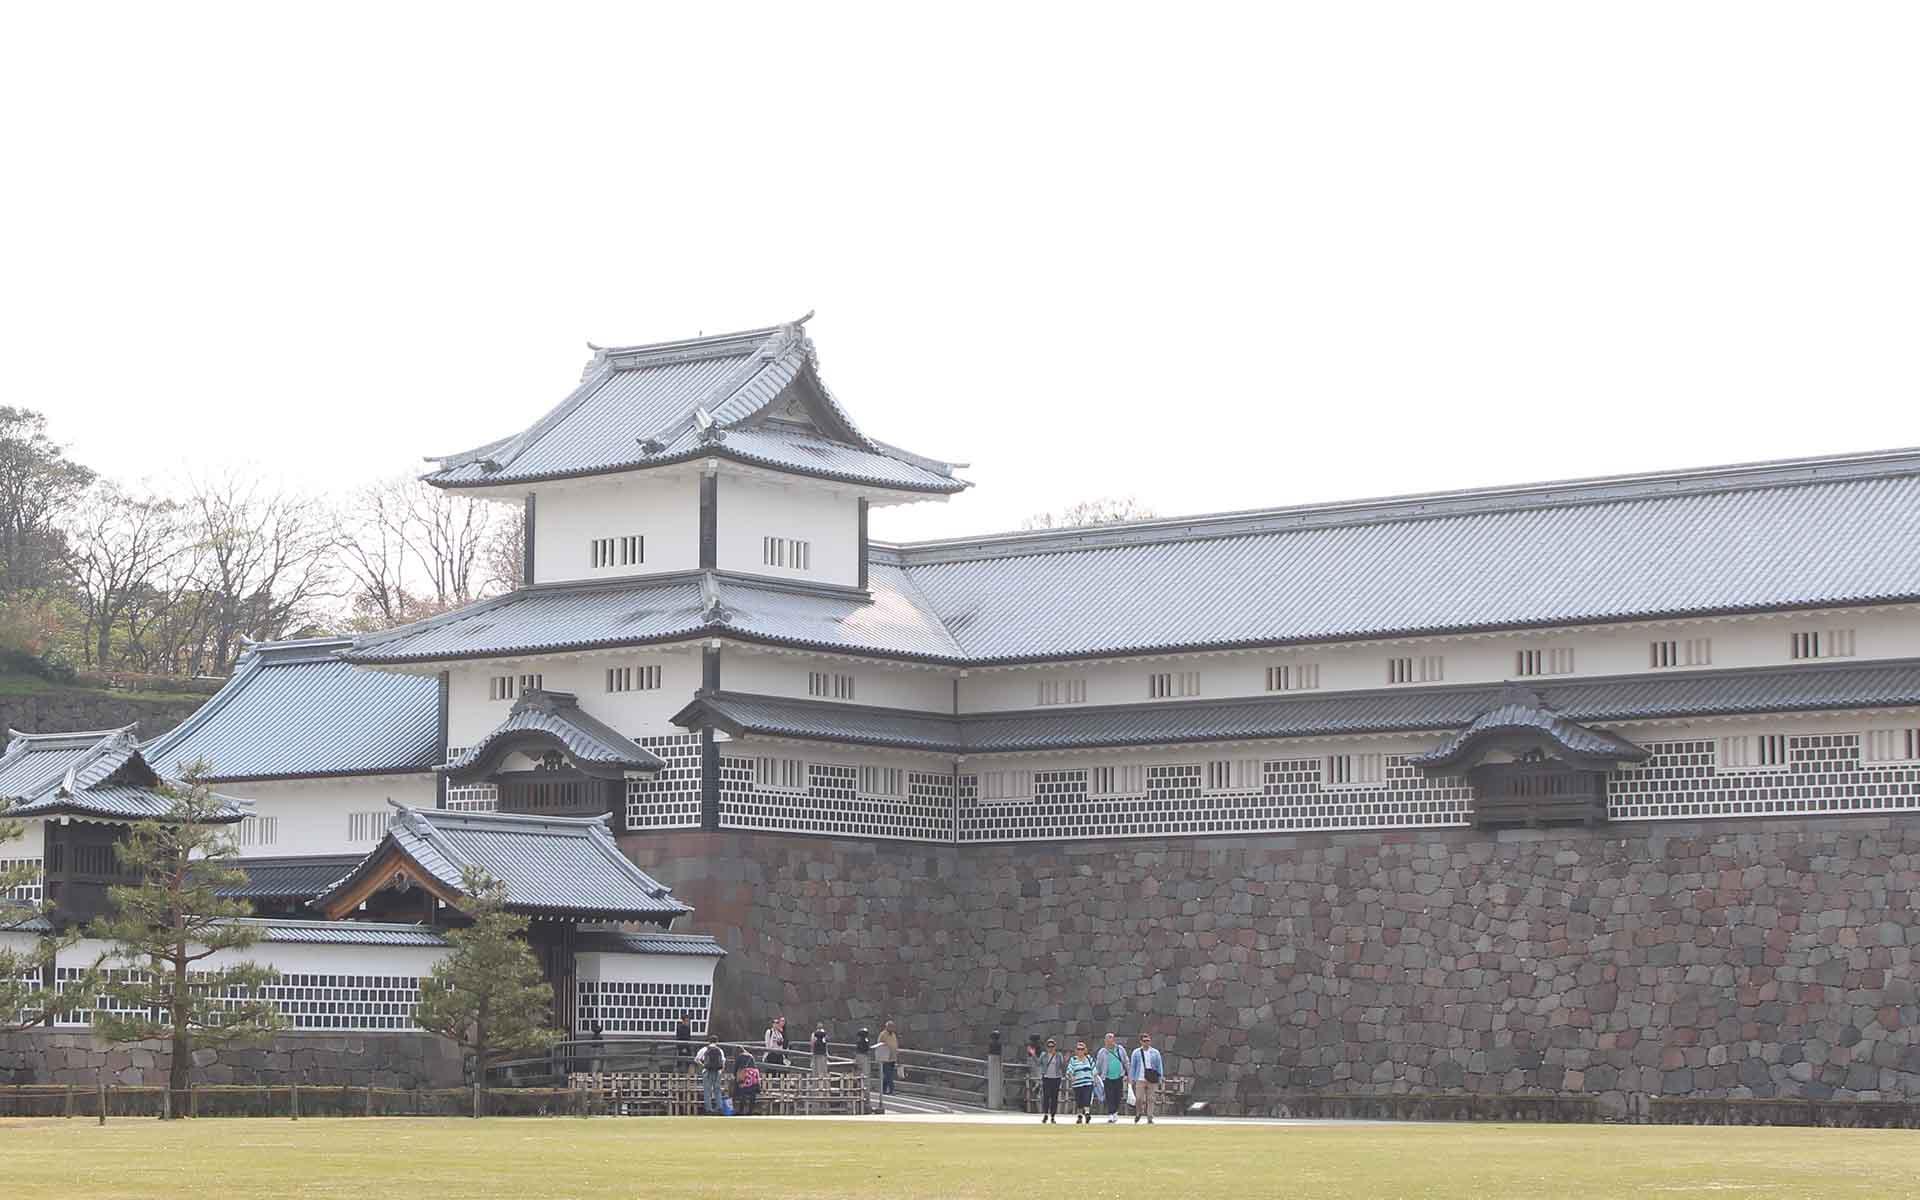 「石垣の博物館」金沢城の楽しみ方。プロに教わる謎多き庭園の魅力